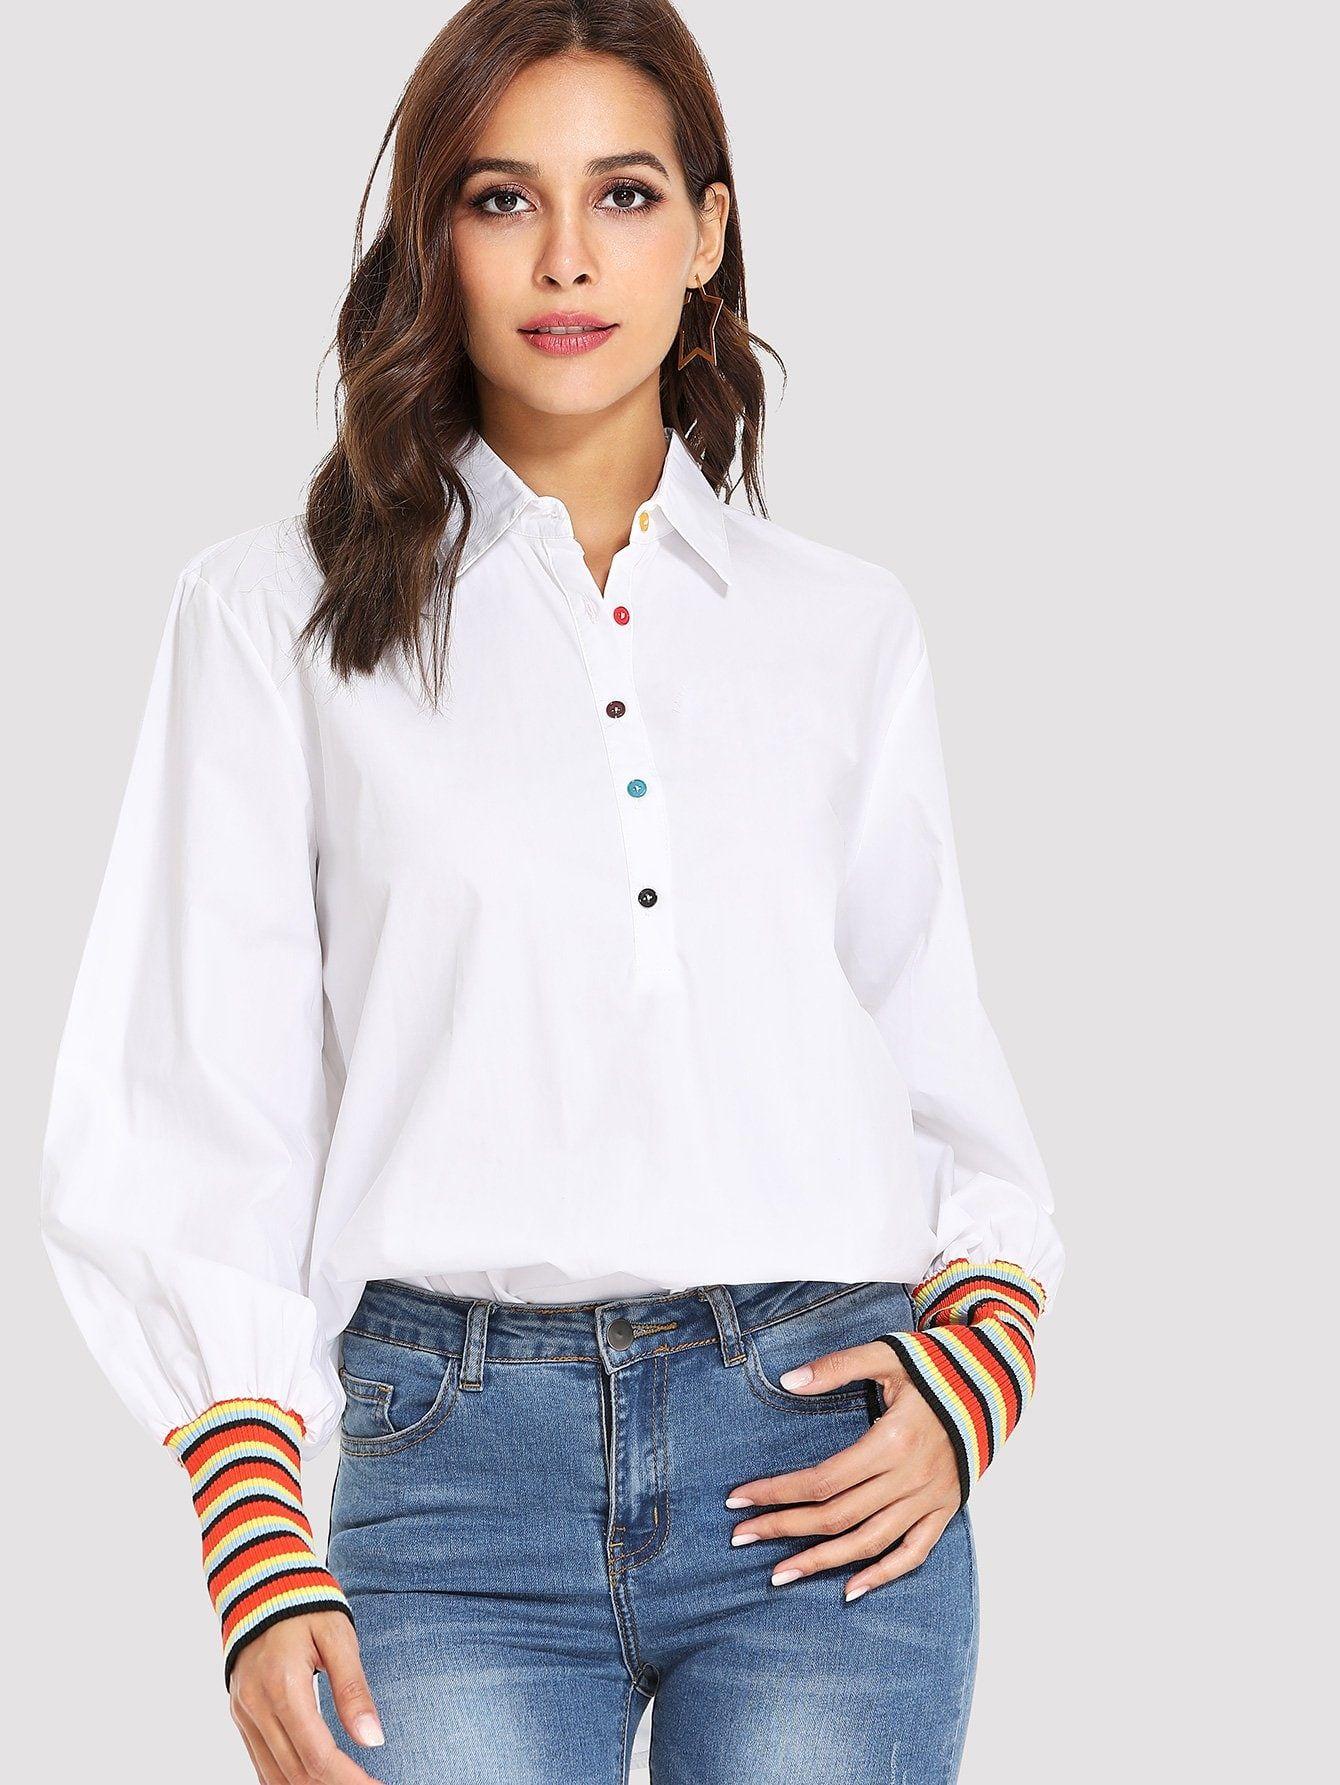 6e3a37c2d91e99 Casual Shirt Regular Fit Collar Long Sleeve Leg-of-mutton Sleeve Half  Placket Beige Regular Length Stripe Contrast Sleeve Longline Shirt